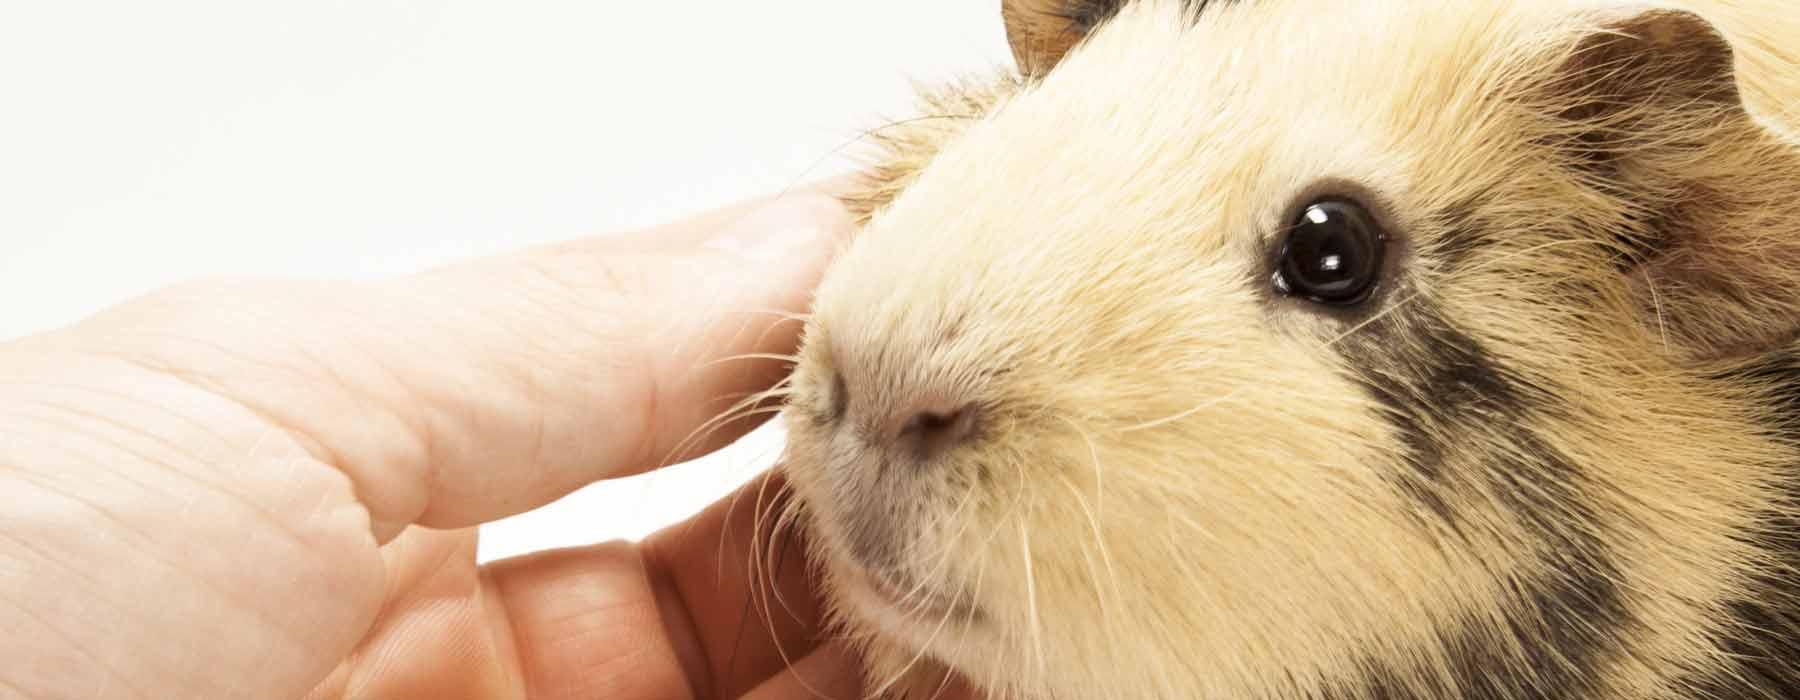 trusting guinea pig